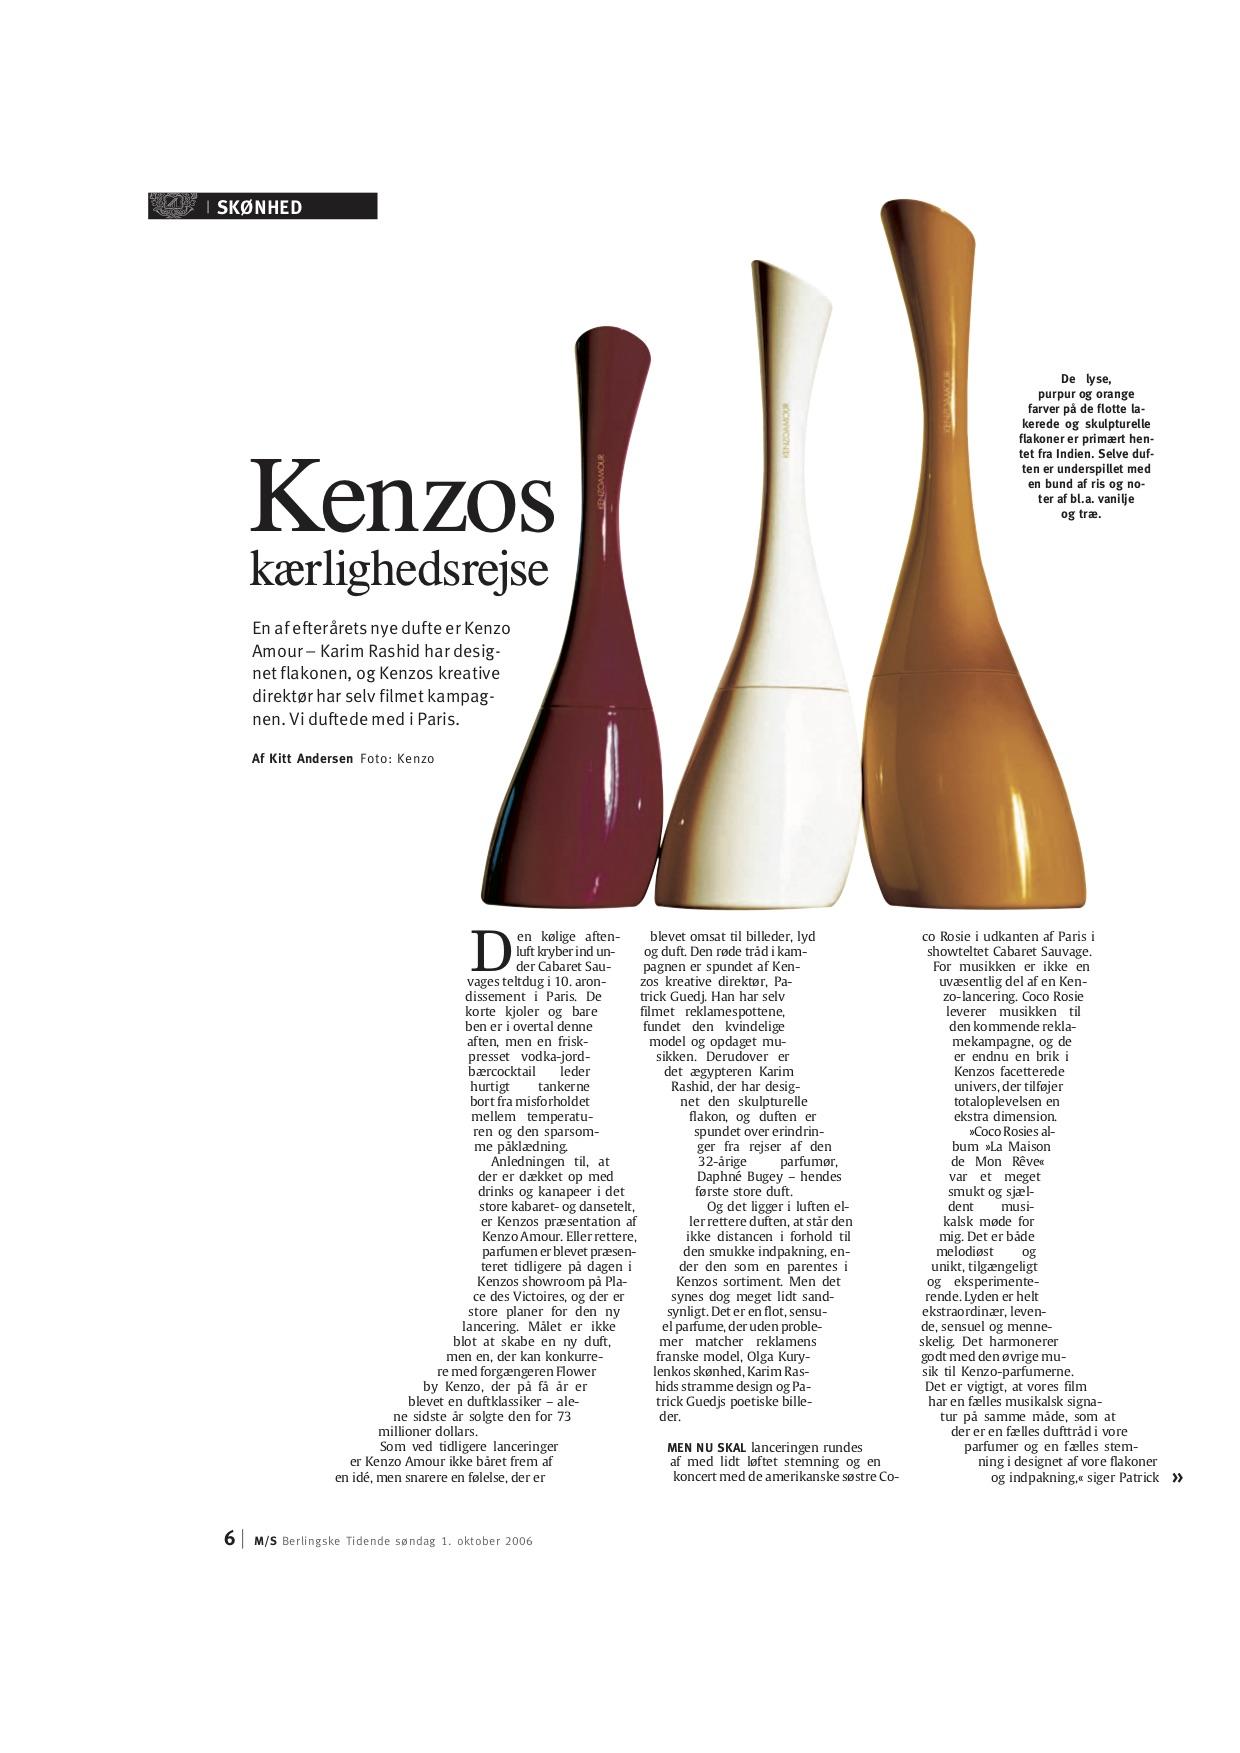 Din Biografi – Kenzos kærlighedsrejse MS Berlingske 2006